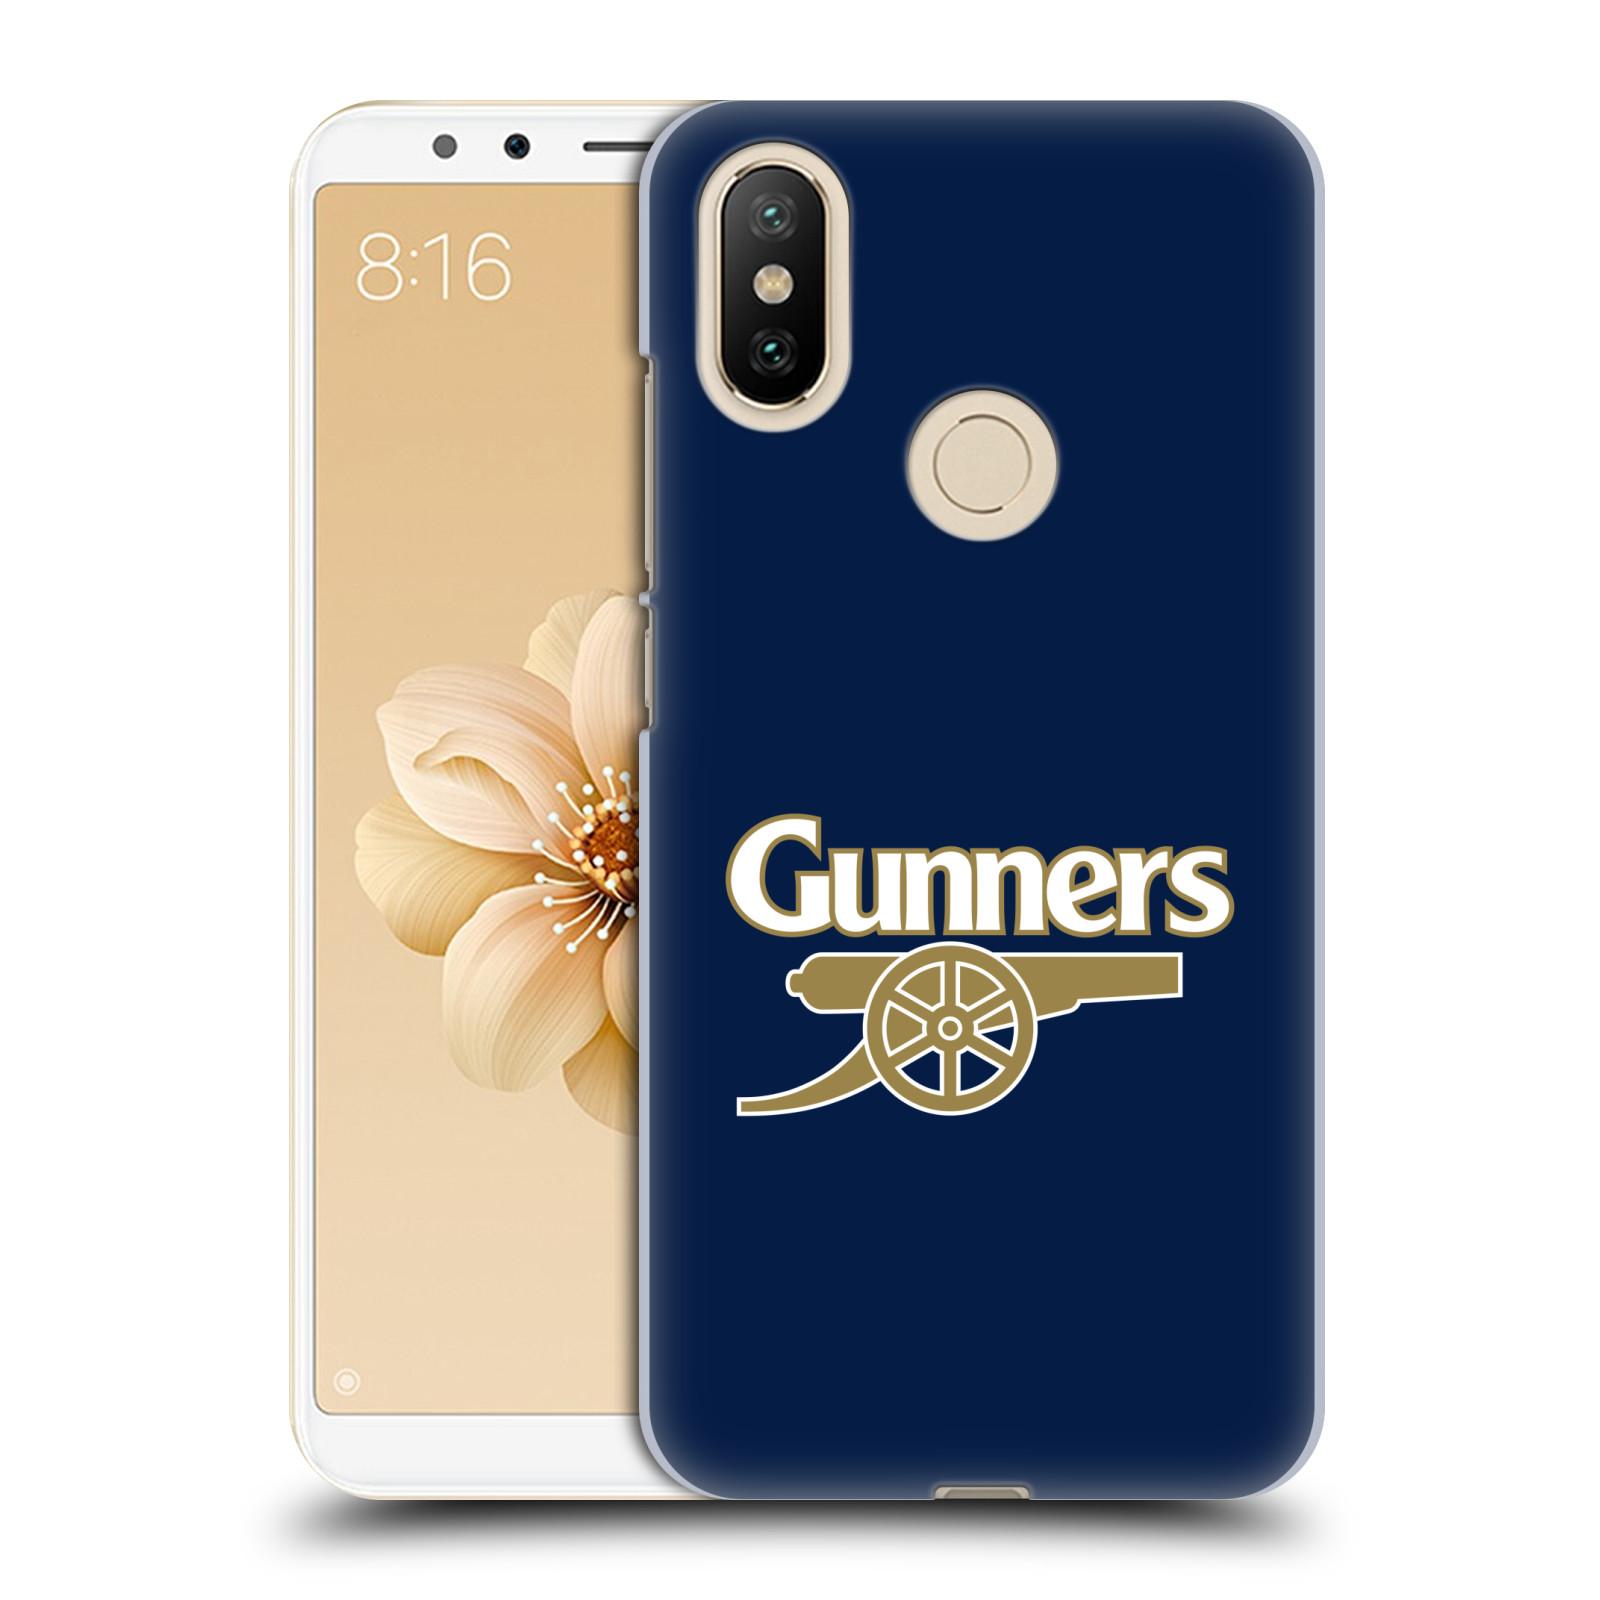 Plastové pouzdro na mobil Xiaomi Mi A2 - Head Case - Arsenal FC - Gunners